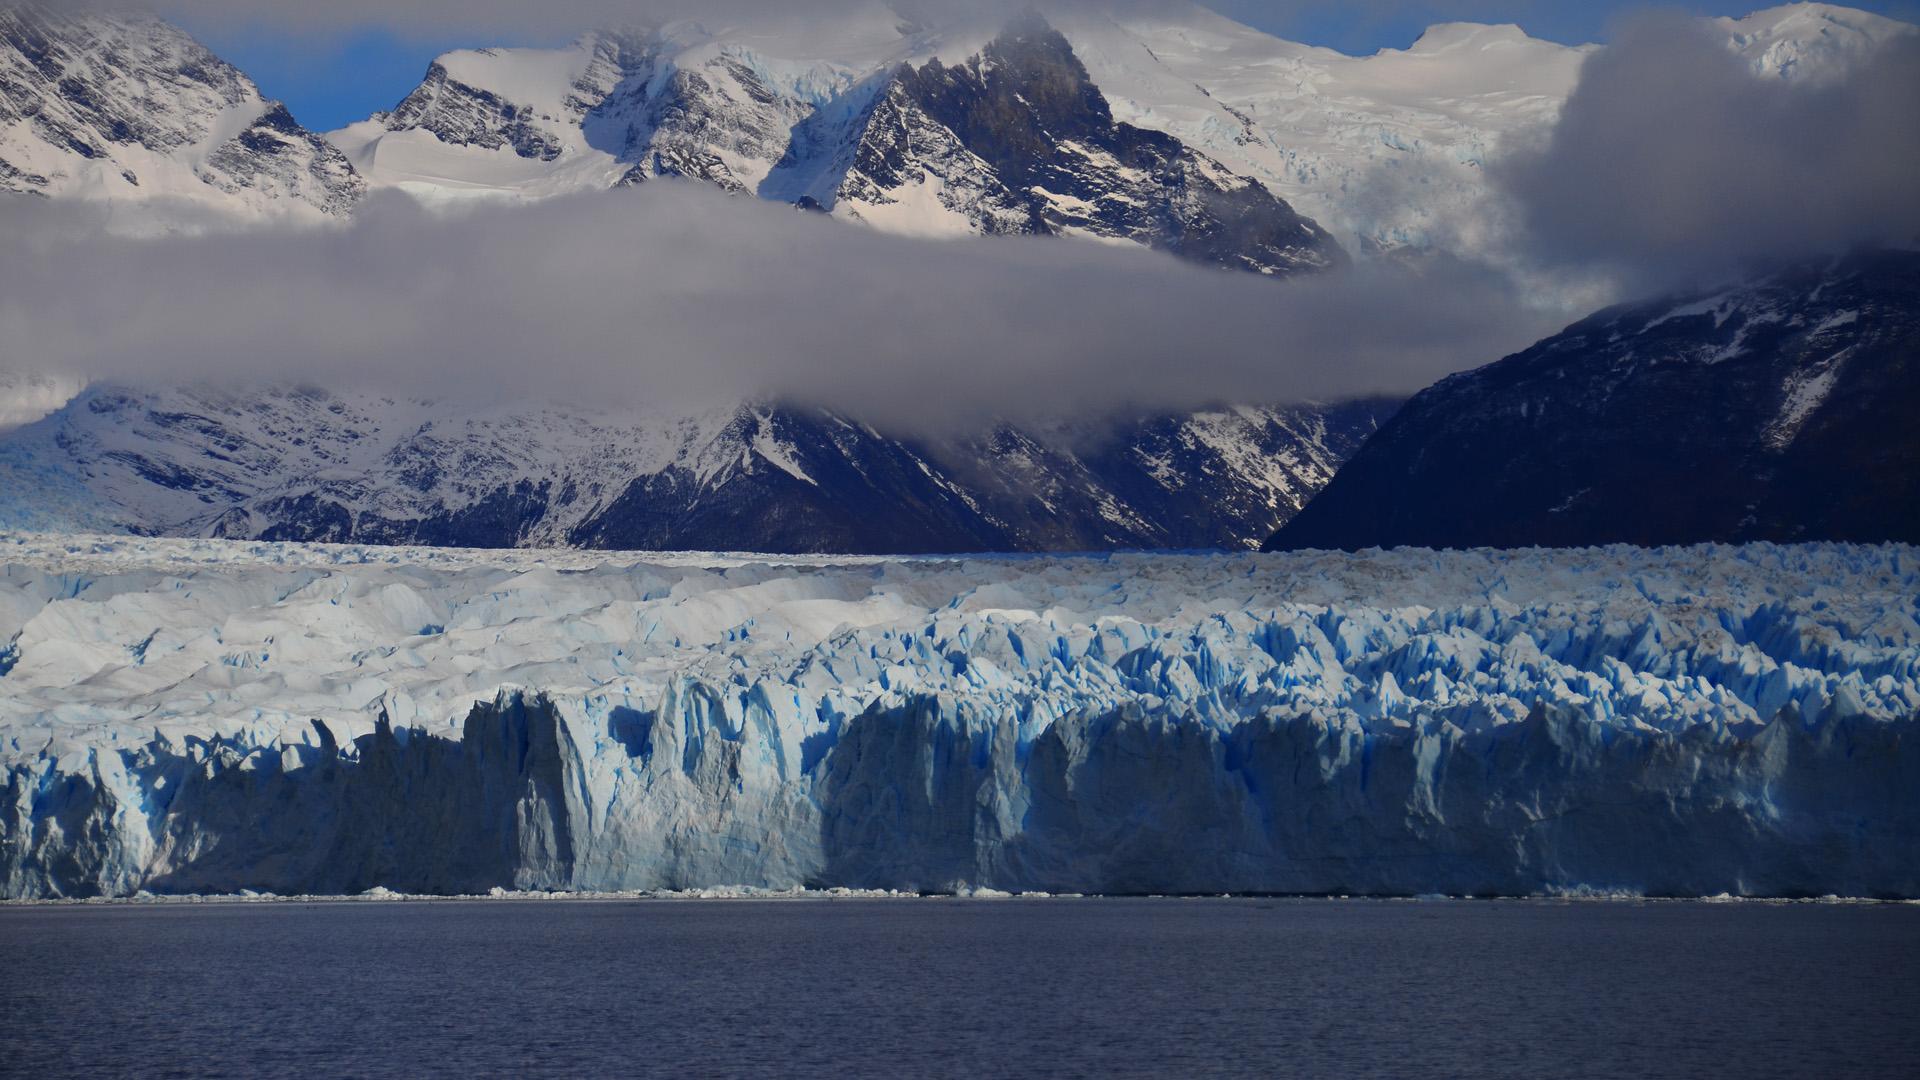 En esta región aumentan las precipitaciones (1.000-5.000 mm anuales) y disminuye la altura de la cordillera. Sólo volcanes aislados, como Lanín y Tronador, tienen altura suficiente para mantener glaciares de cráter. Los glaciares de escombros son menos frecuentes(Foto del Glaciar Perito Moreno)